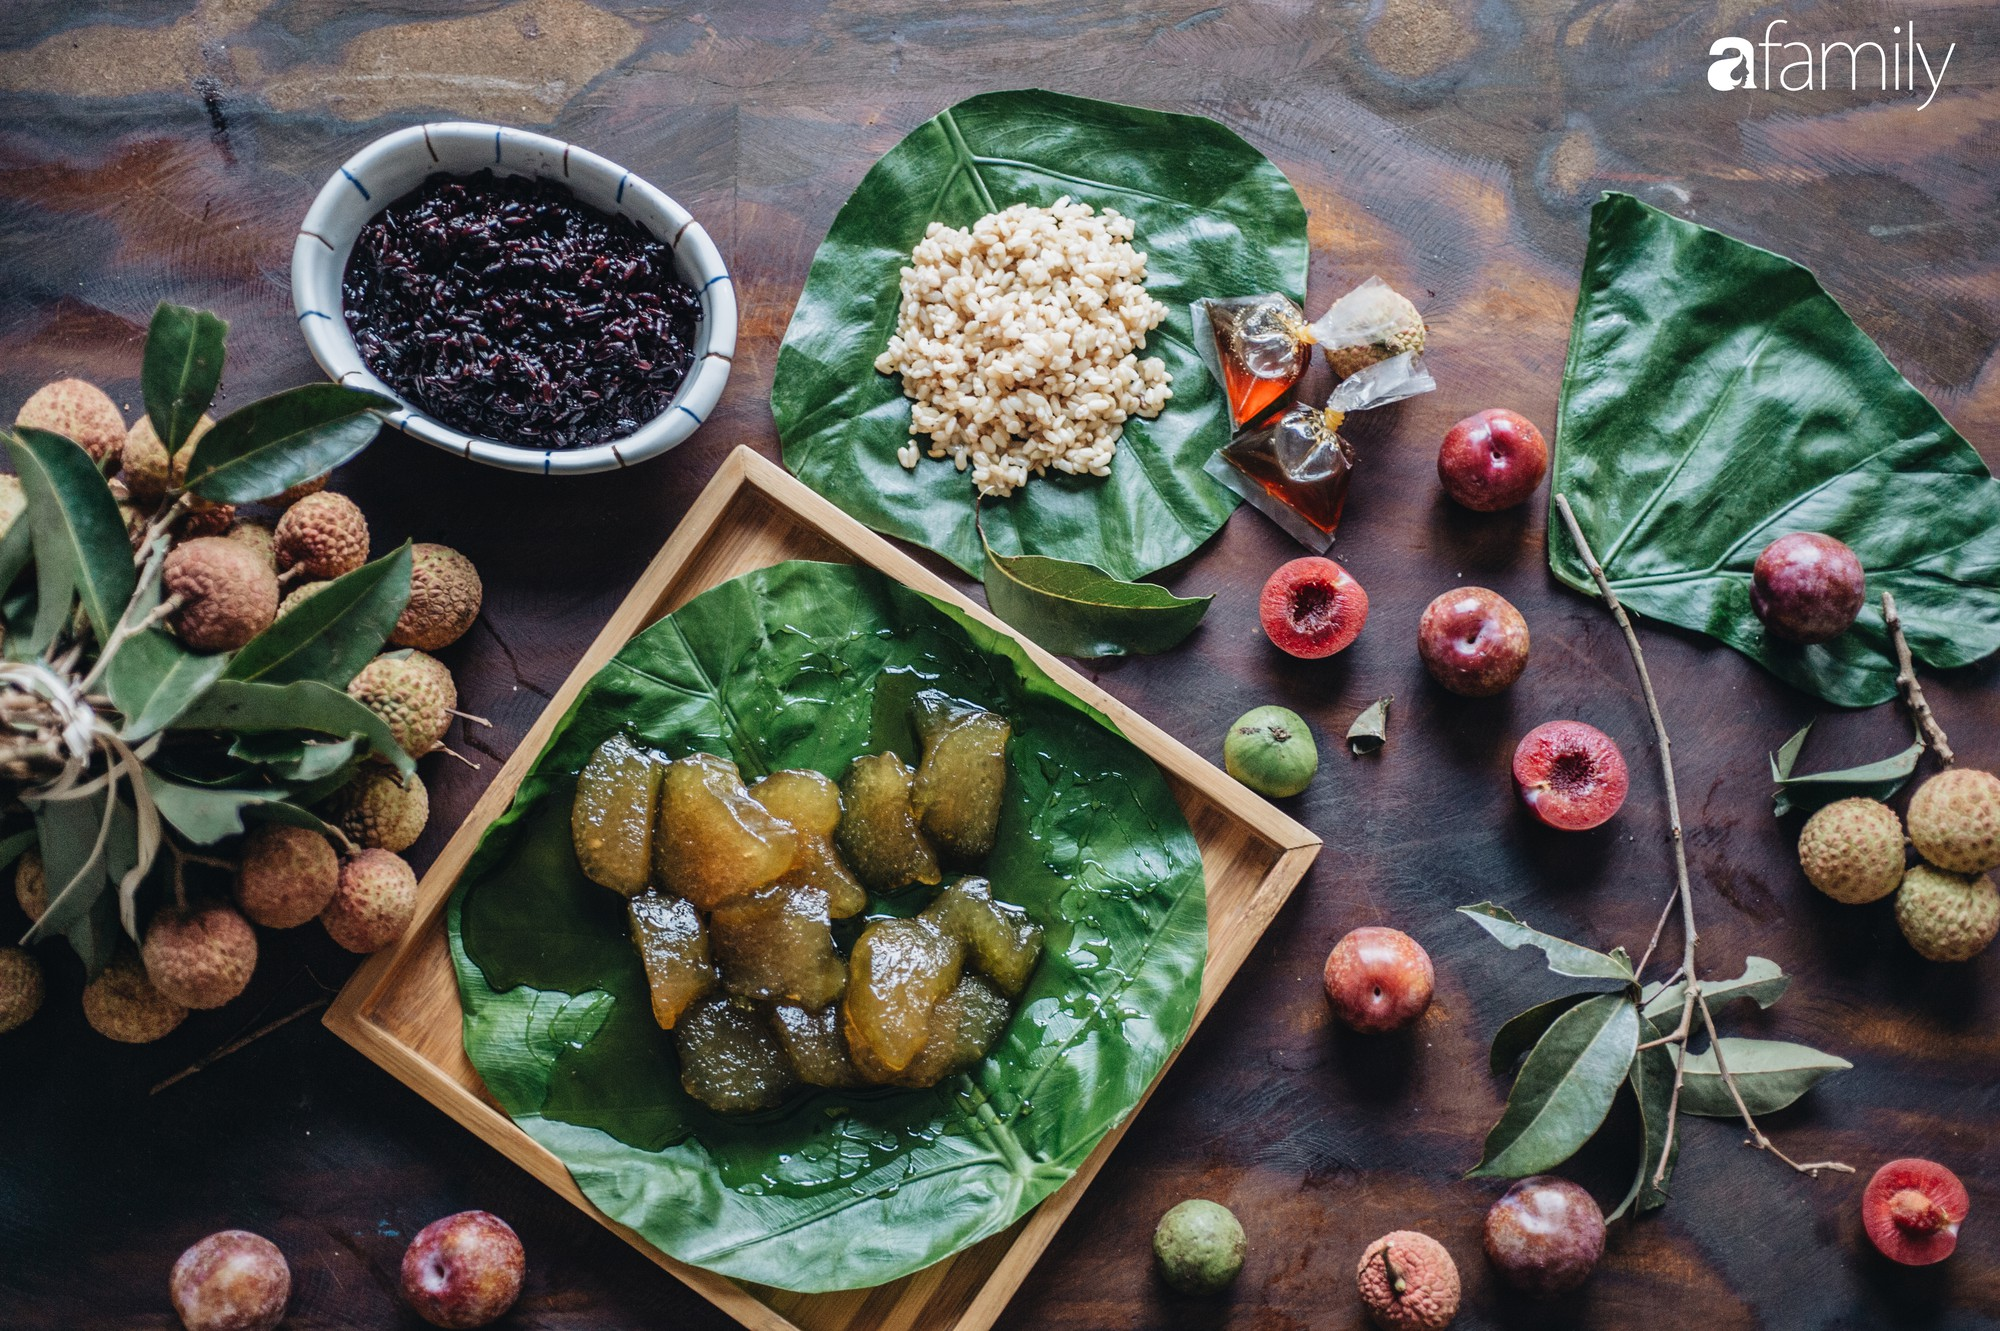 Tết Đoan Ngọ - cái Tết mang hương vị mùa hè với rượu nếp, bánh gio - Ảnh 10.